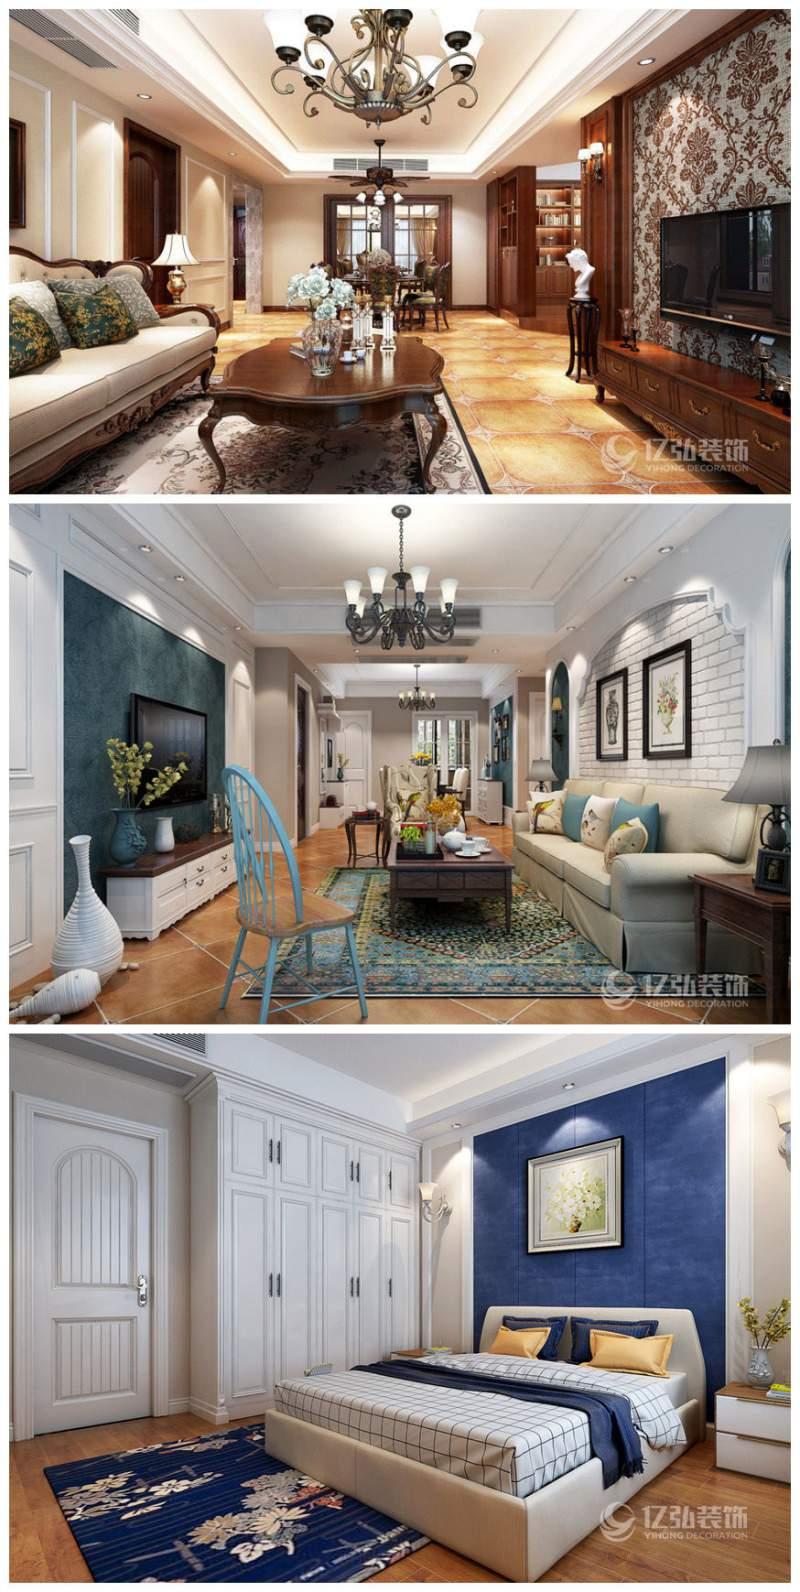 美爆了!五一带您看看如景如画的家居装修!